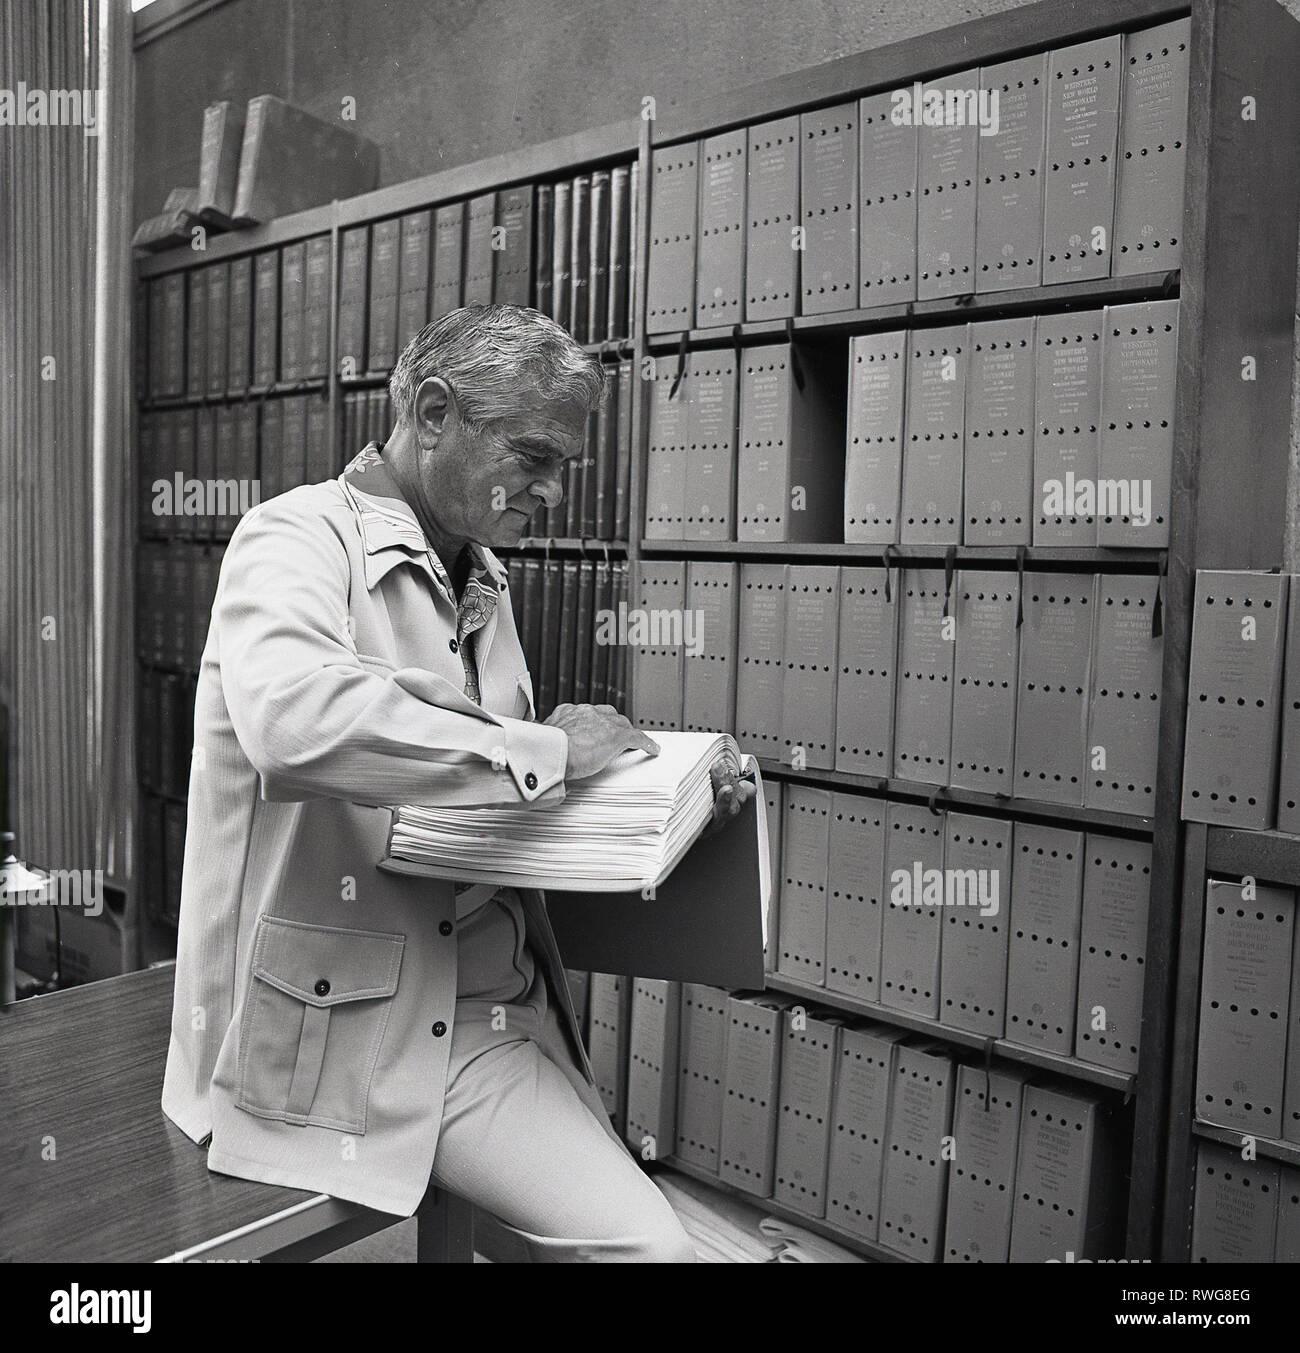 1970 s, Mann in einer Präsenzbibliothek, etwas das in der Neuen Welt ein Webster Wörterbuch der amerikanischen Langague, Los Angeles, USA. Das Wörterbuch wurde erstmals im Jahr 1951 und einer seiner bemerkenswerten Features veröffentlicht wurde seine volle Etymologie, die Herkunft und Entwicklung der Wörter. Stockbild